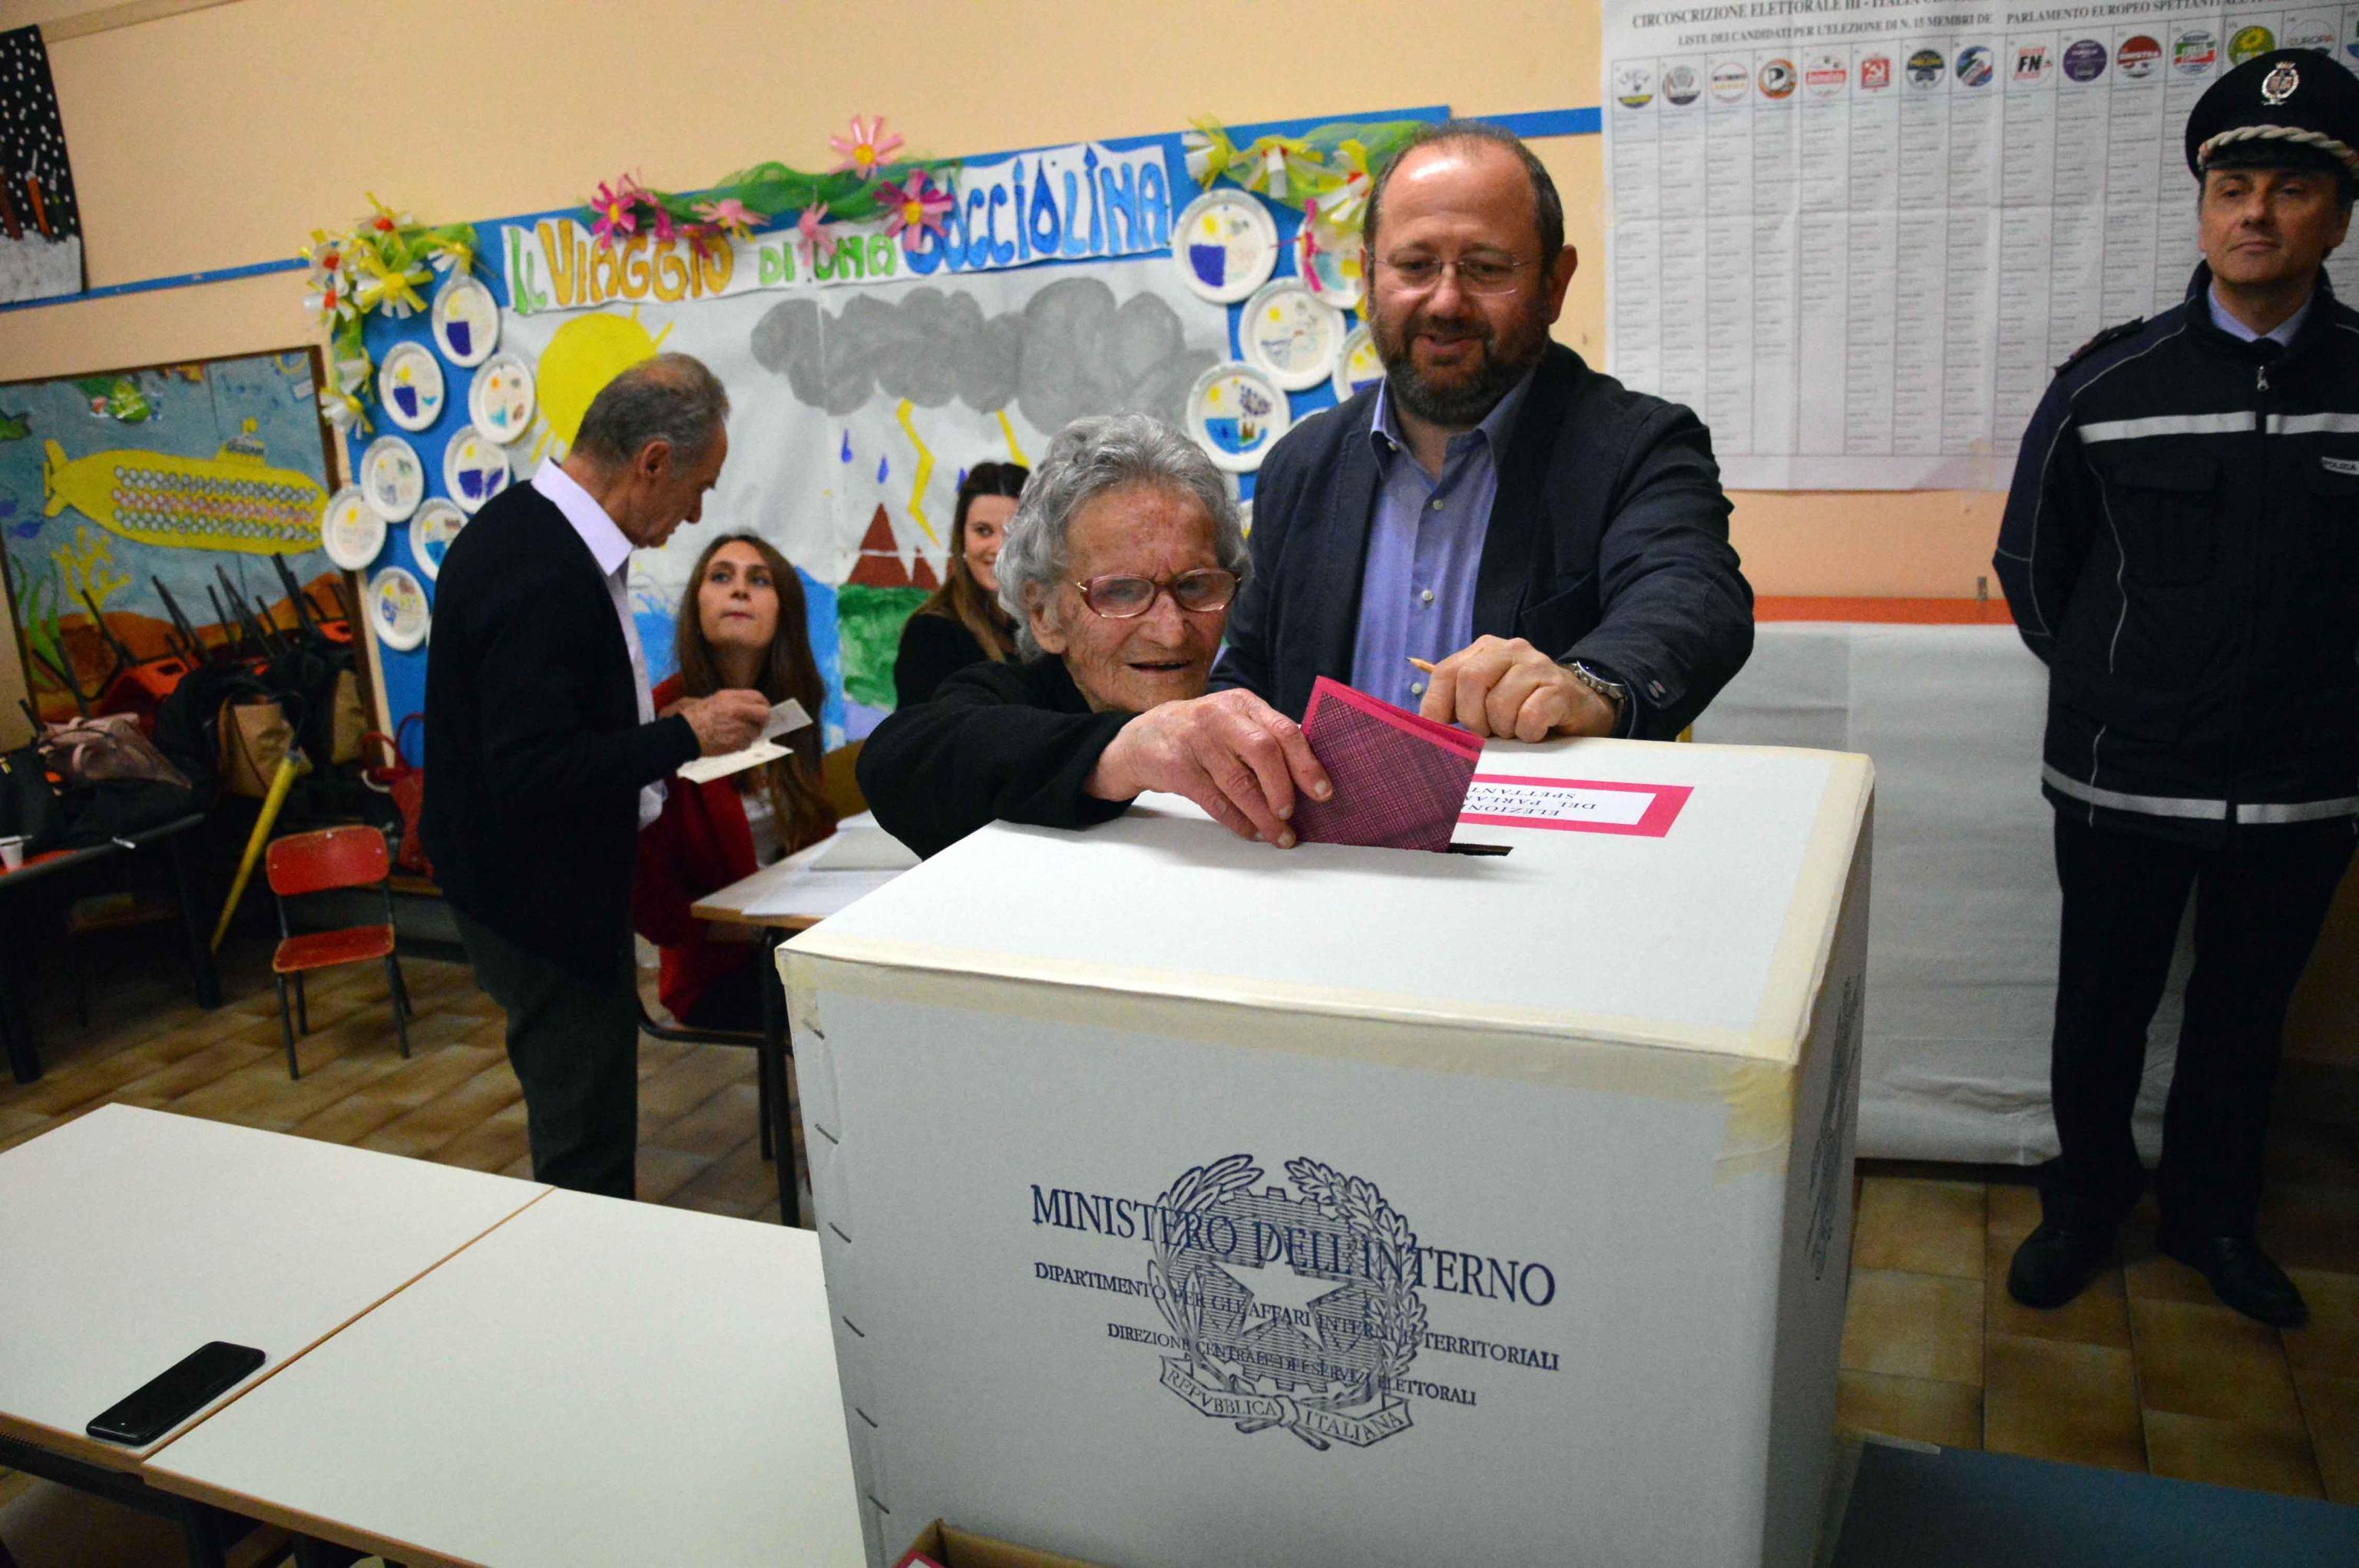 Europee, la nonna dei record vota a 108 anni: sempre al seggio dal 1946 | L appello ai giovani:  Non snobbate le elezioni